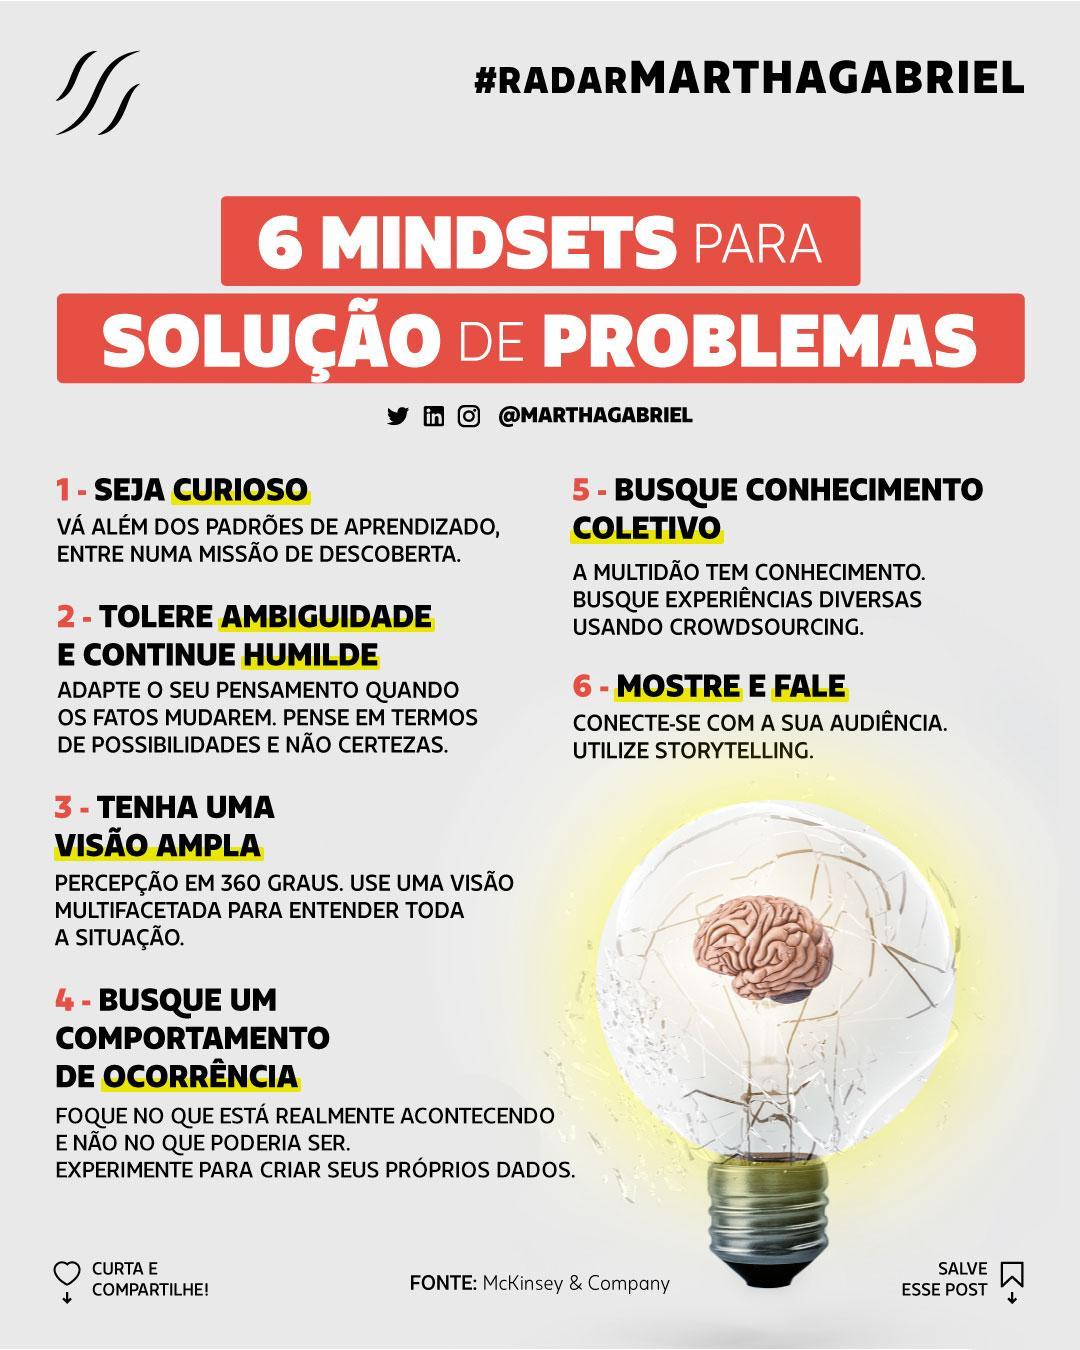 6 Mindsets para solução de problemas